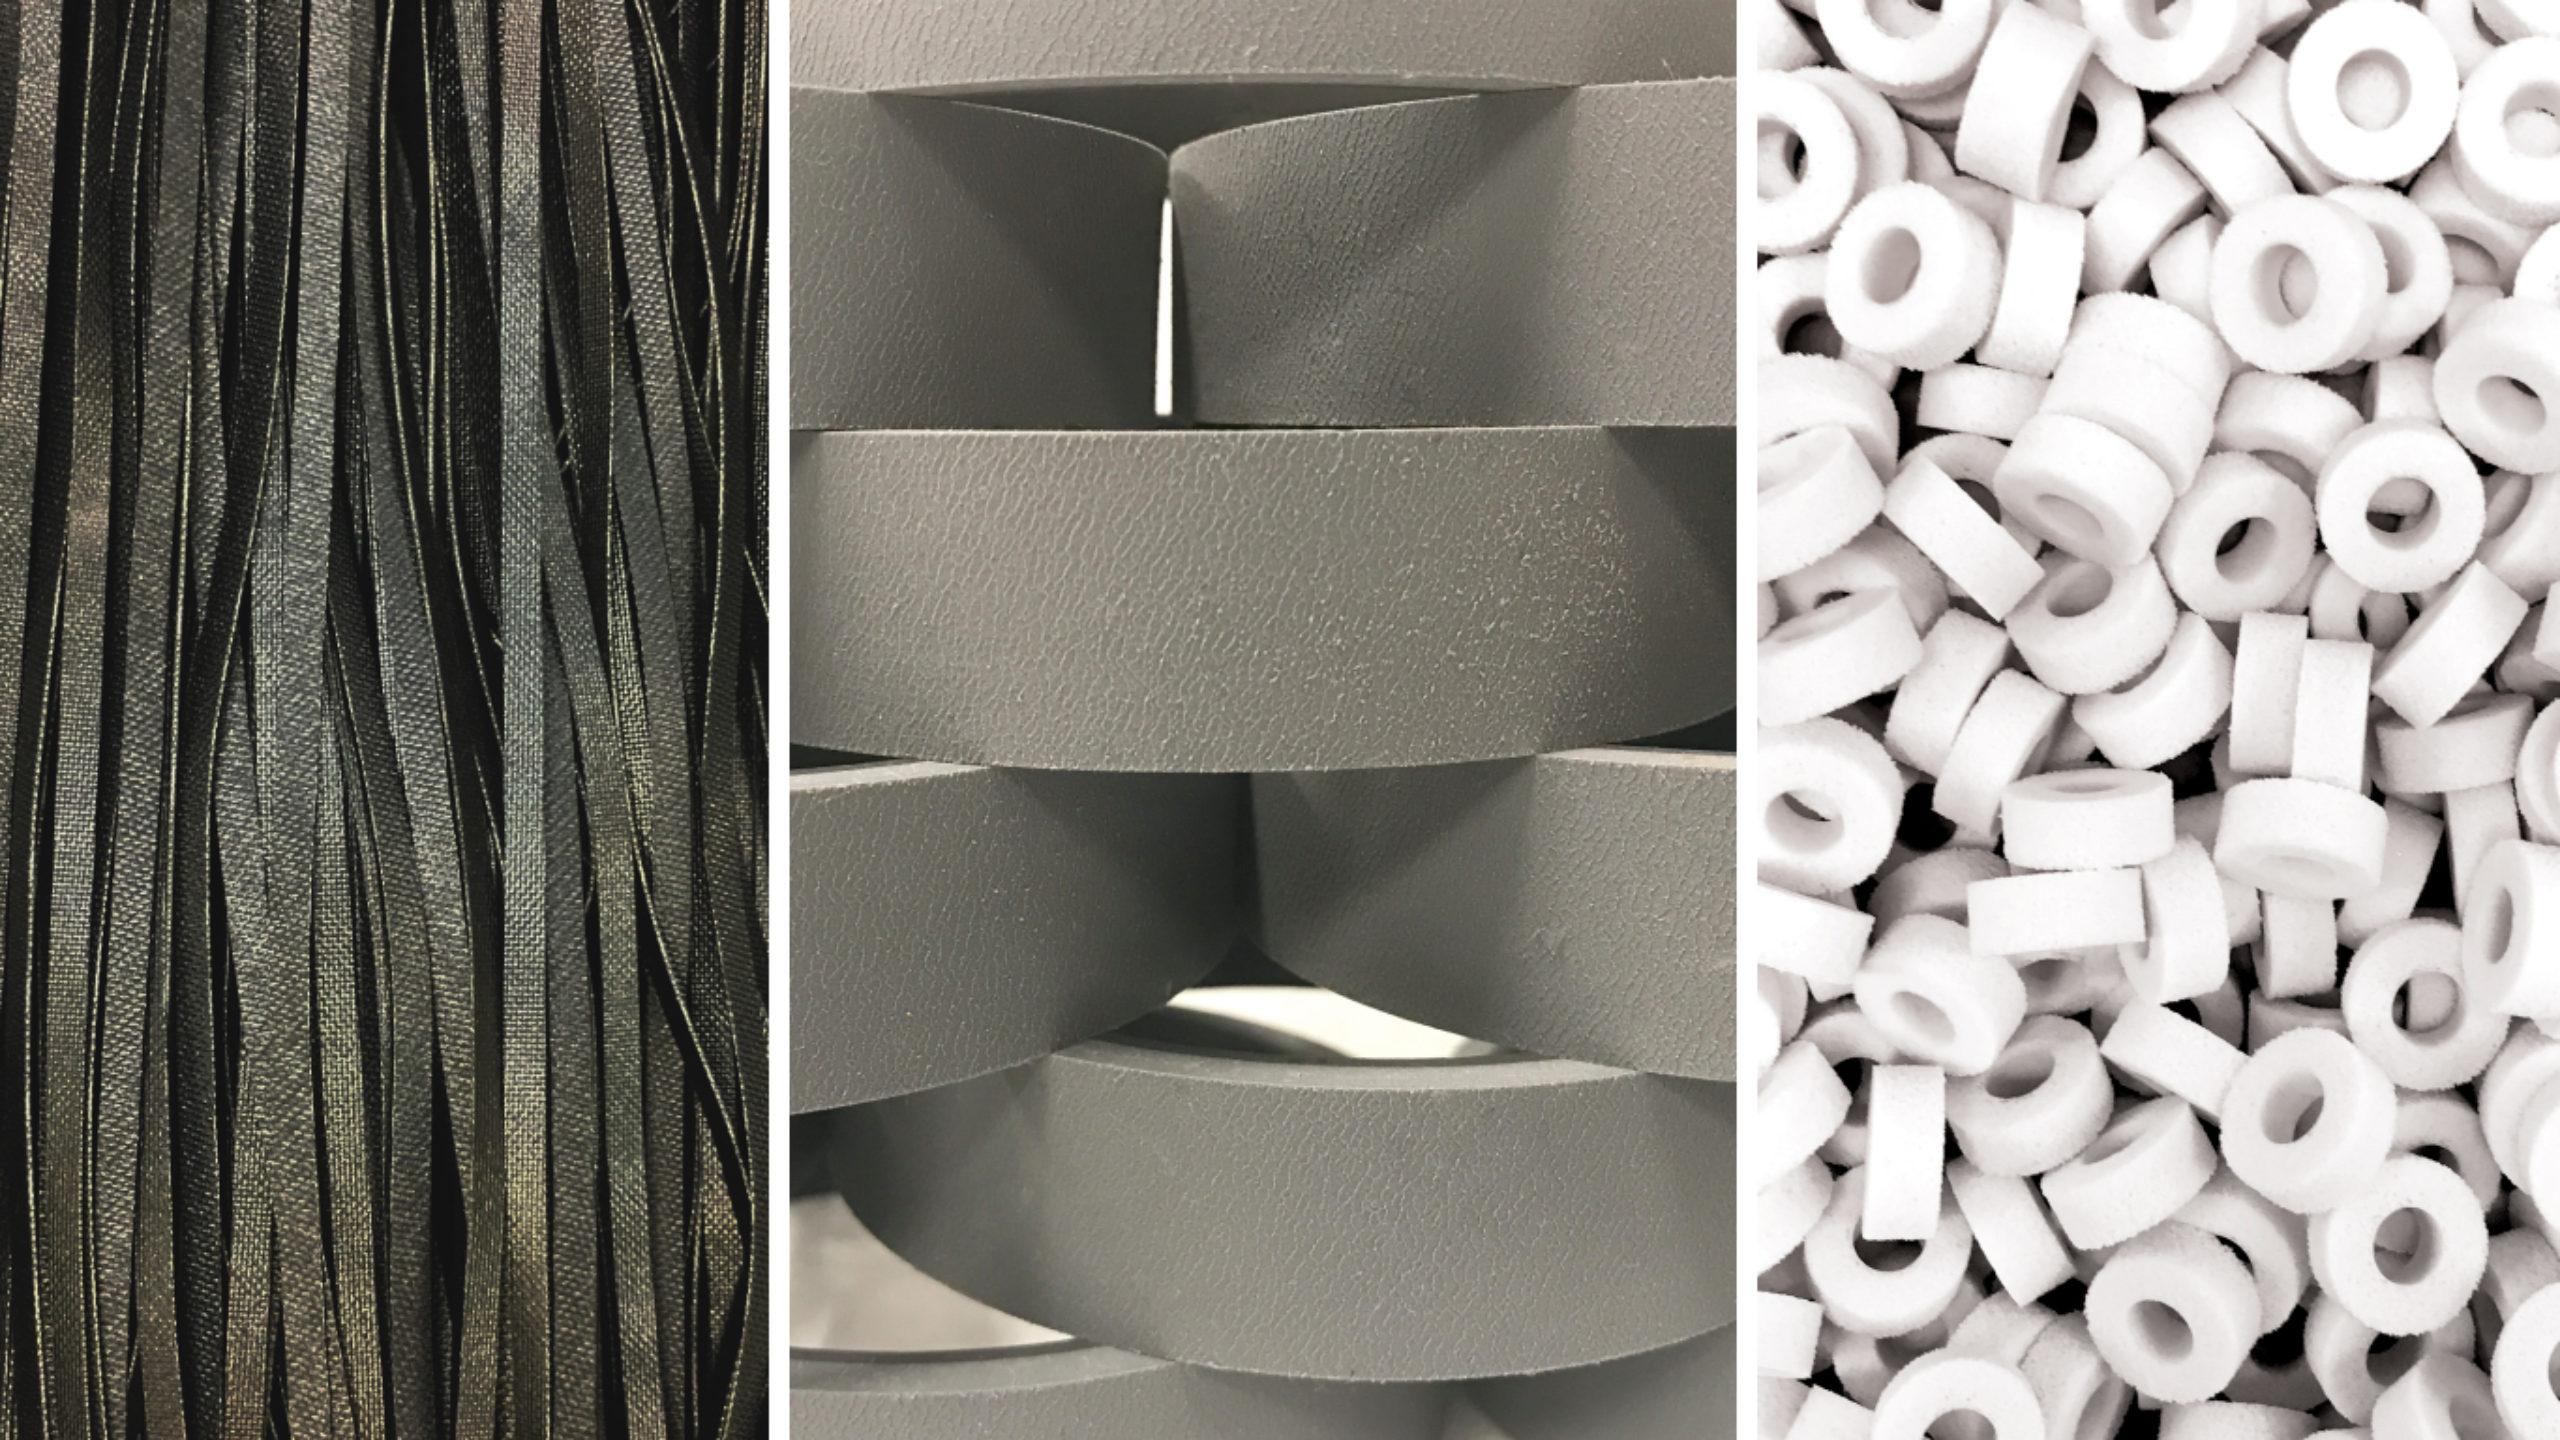 Belting Industries